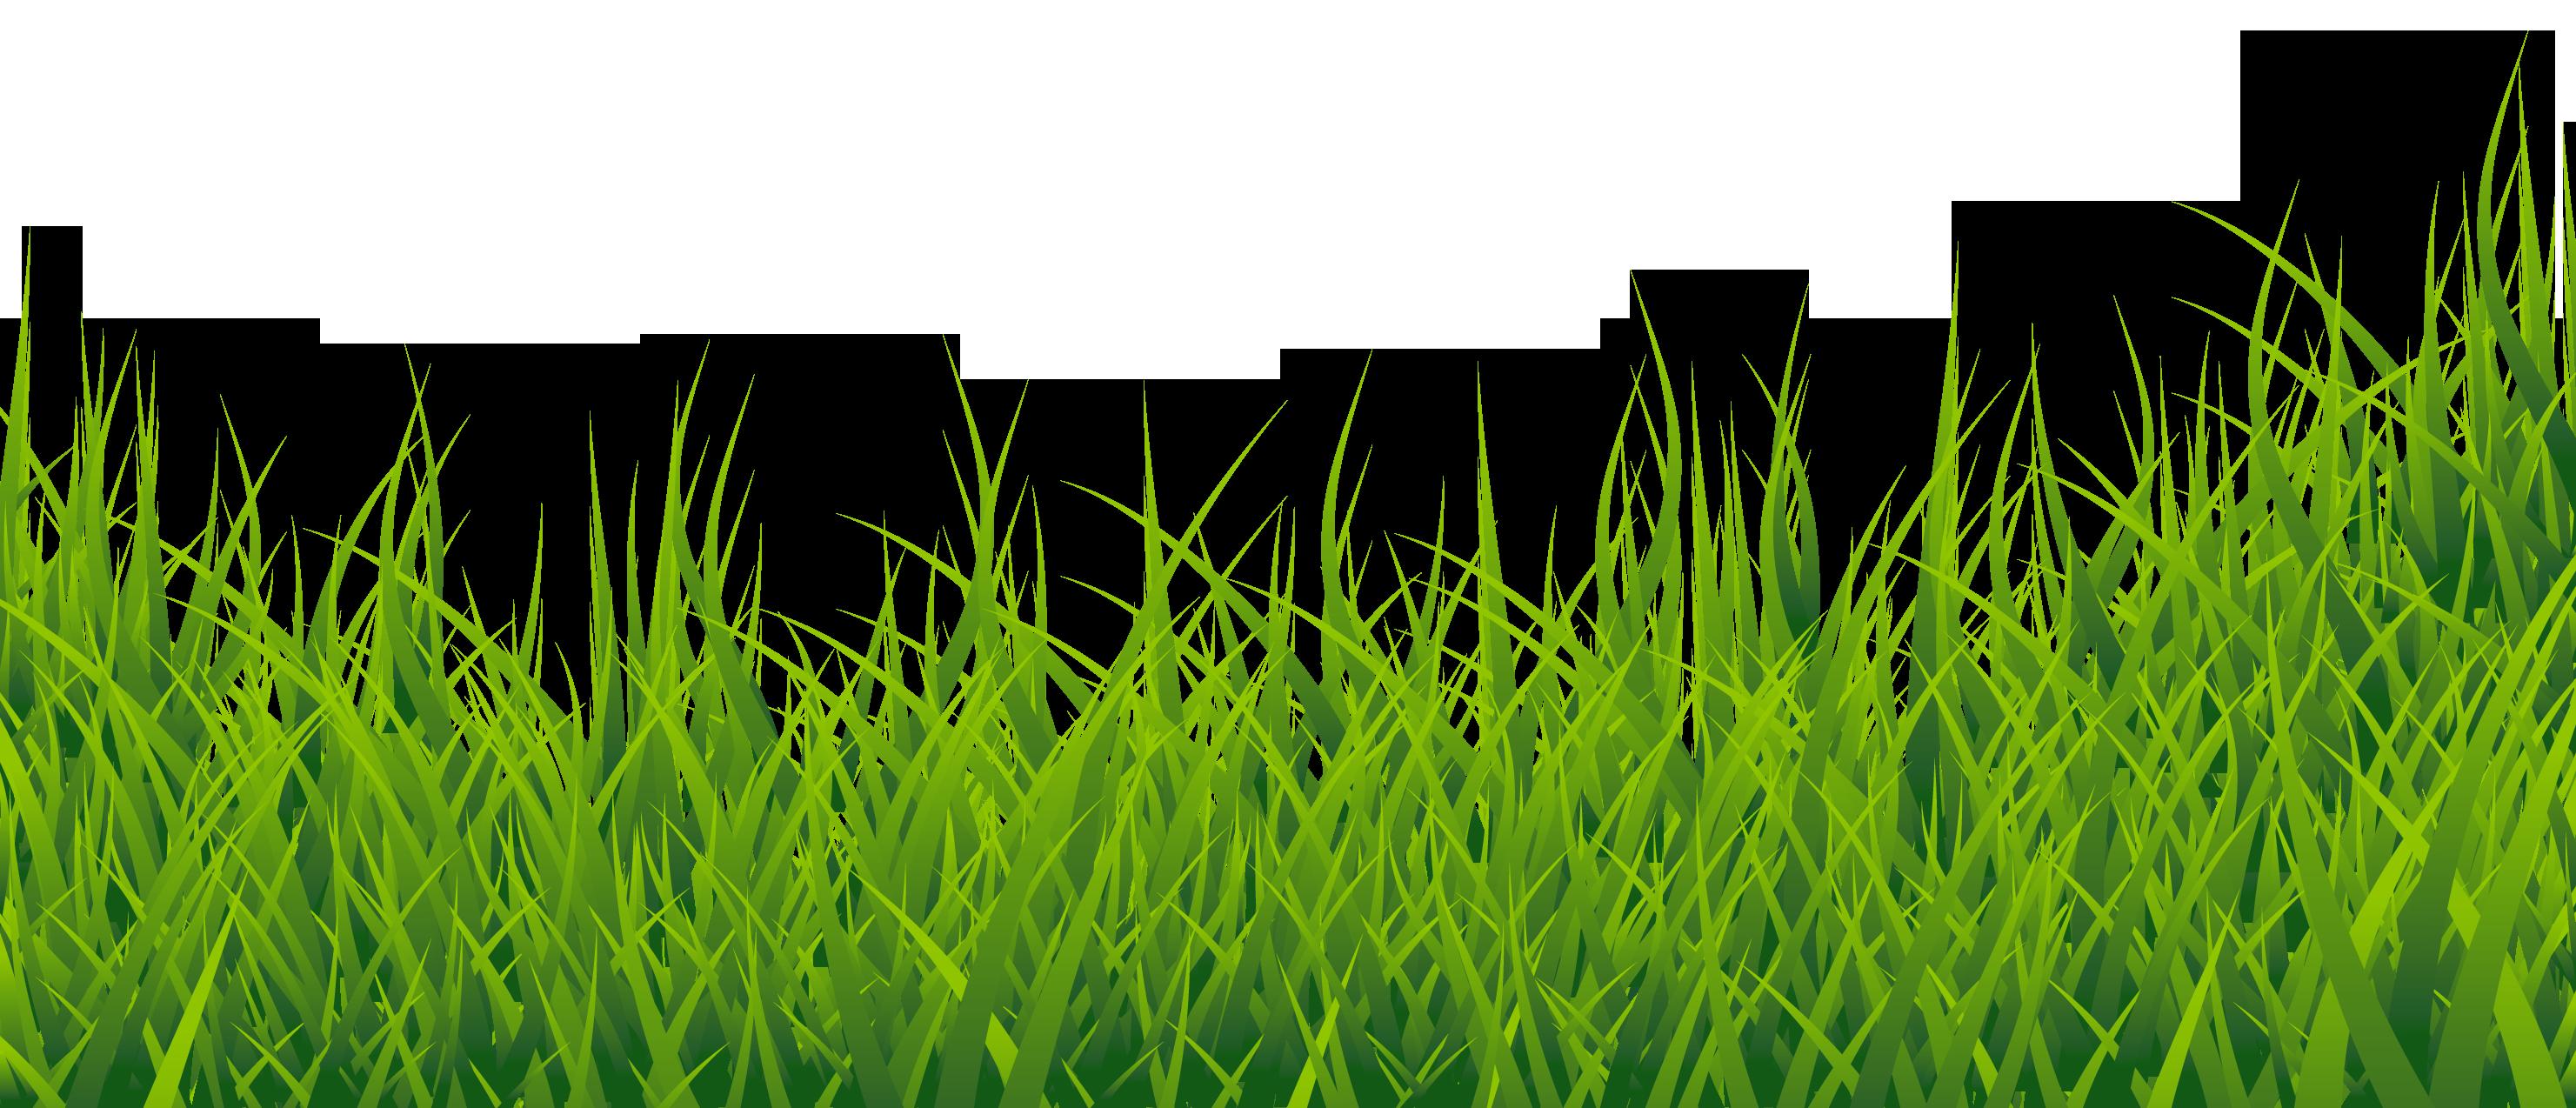 Field of Grass Clip Art.